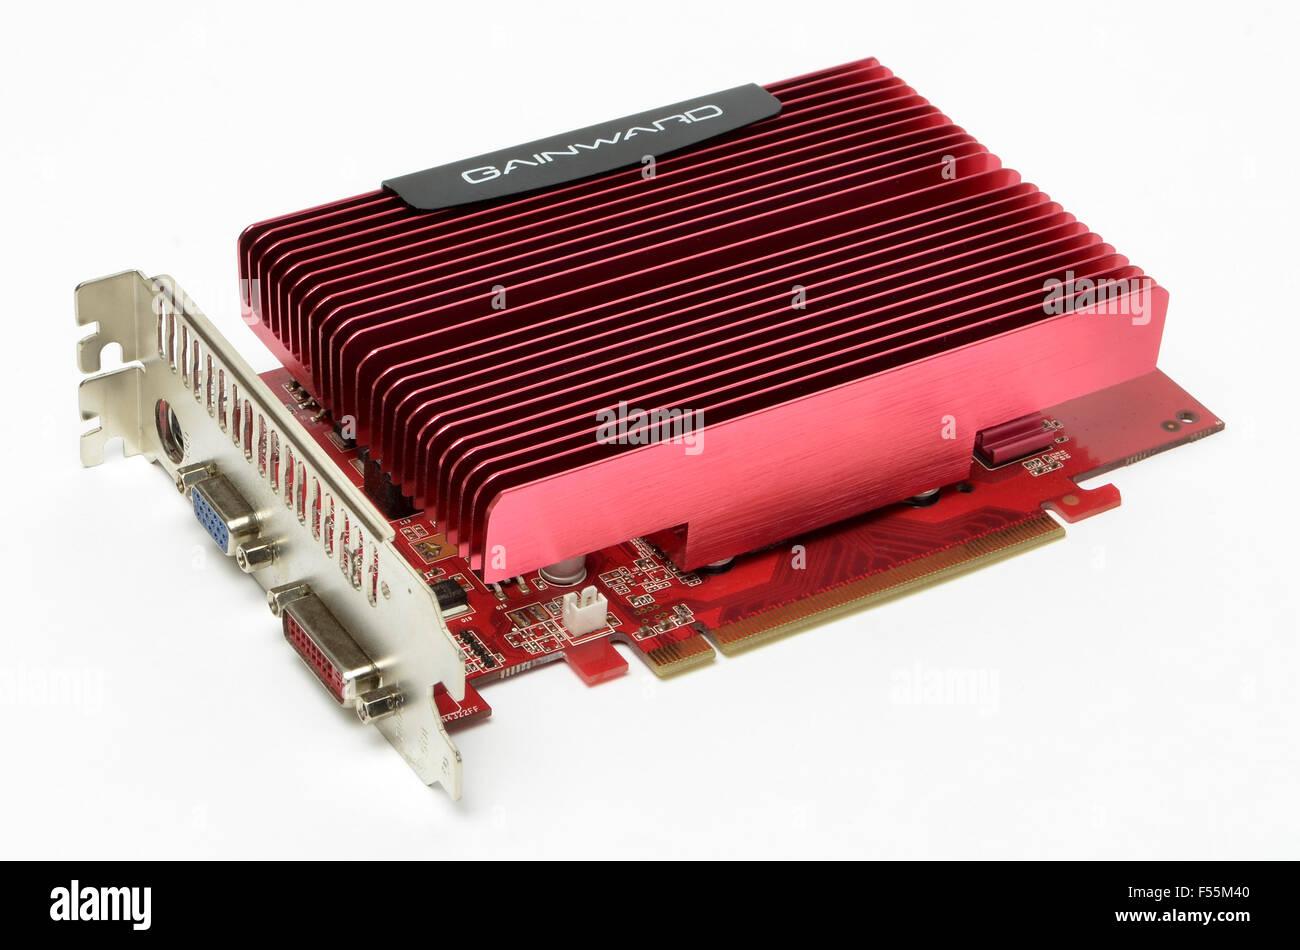 Gainward NVidia GeForce silenzioso scheda grafica su uno sfondo bianco. Immagini Stock